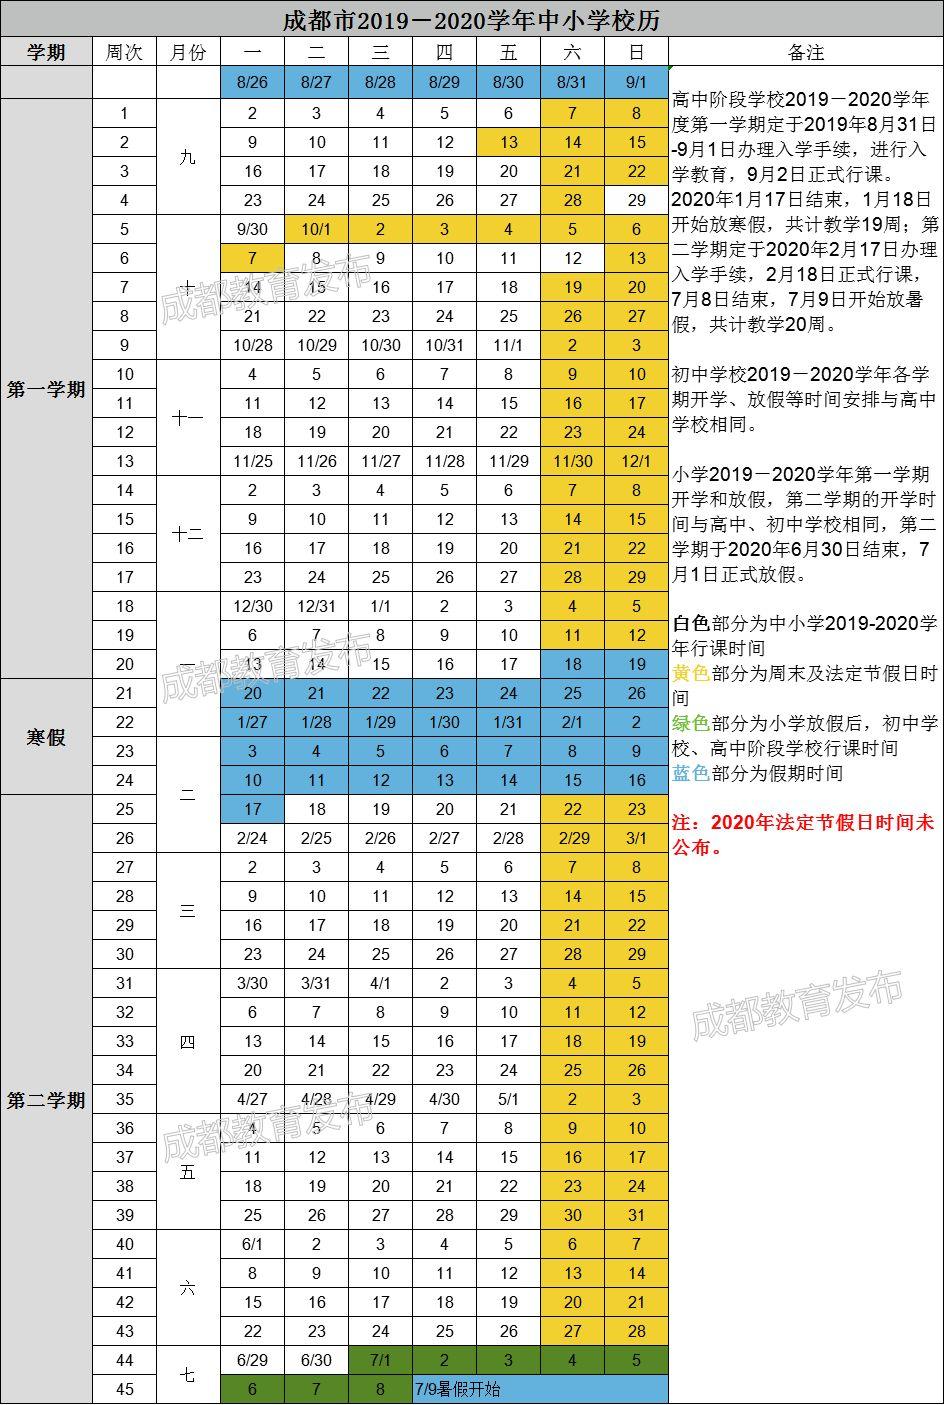 2014年寒假放假时间_2020年成都中小学放假时间出炉!1月18日放寒假!_学期